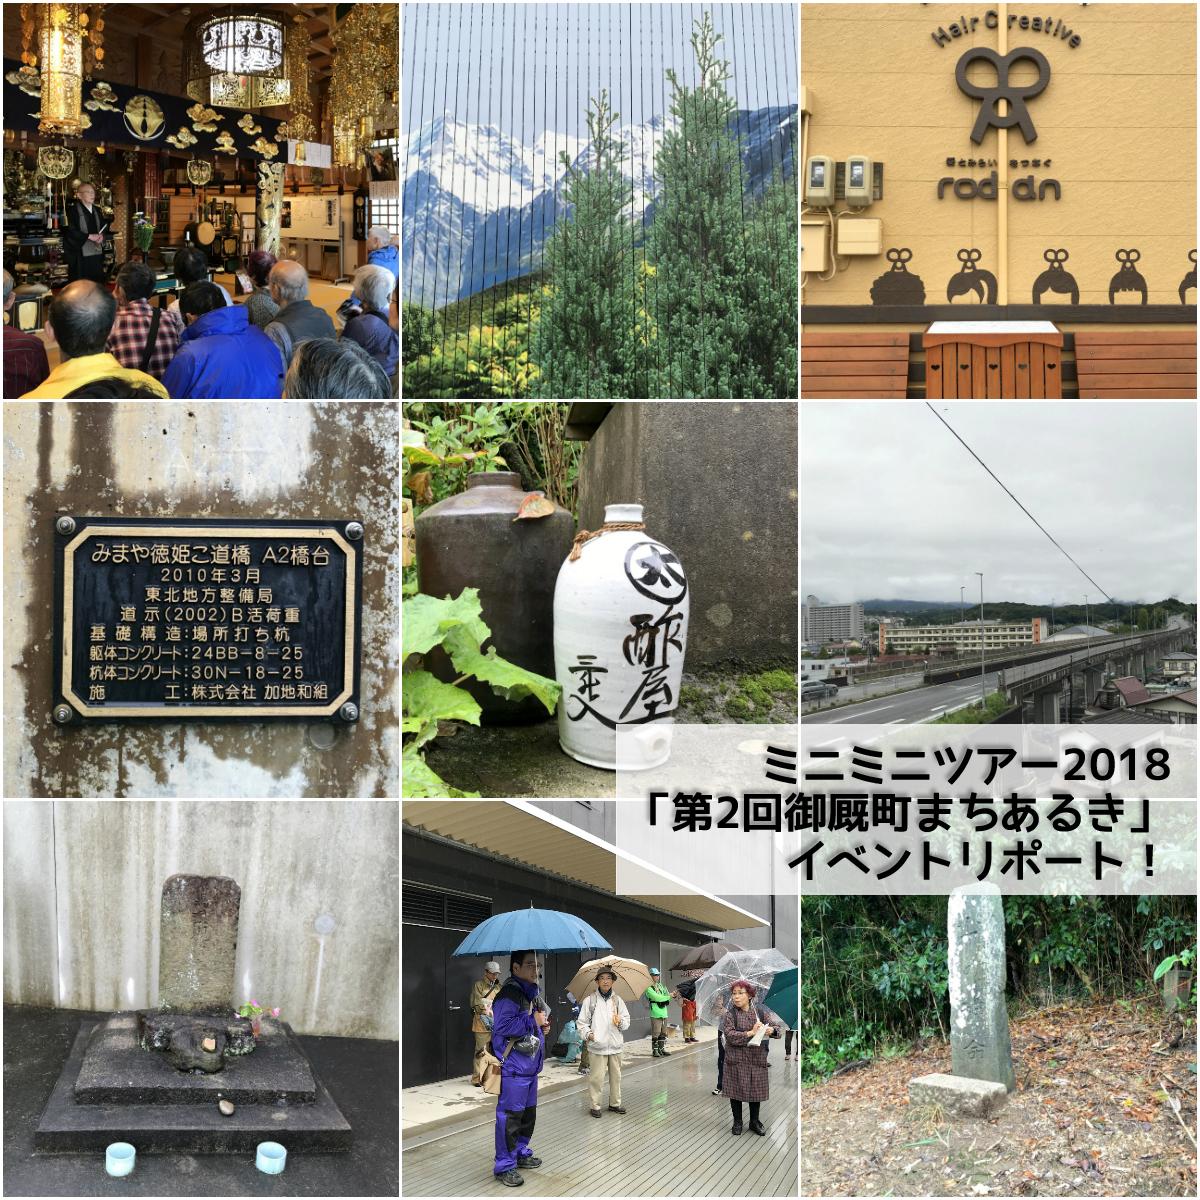 ミニミニツアー2018「第2回御厩町まちあるき」イベントリポート! [平成30年10月1日(月)更新]トップ